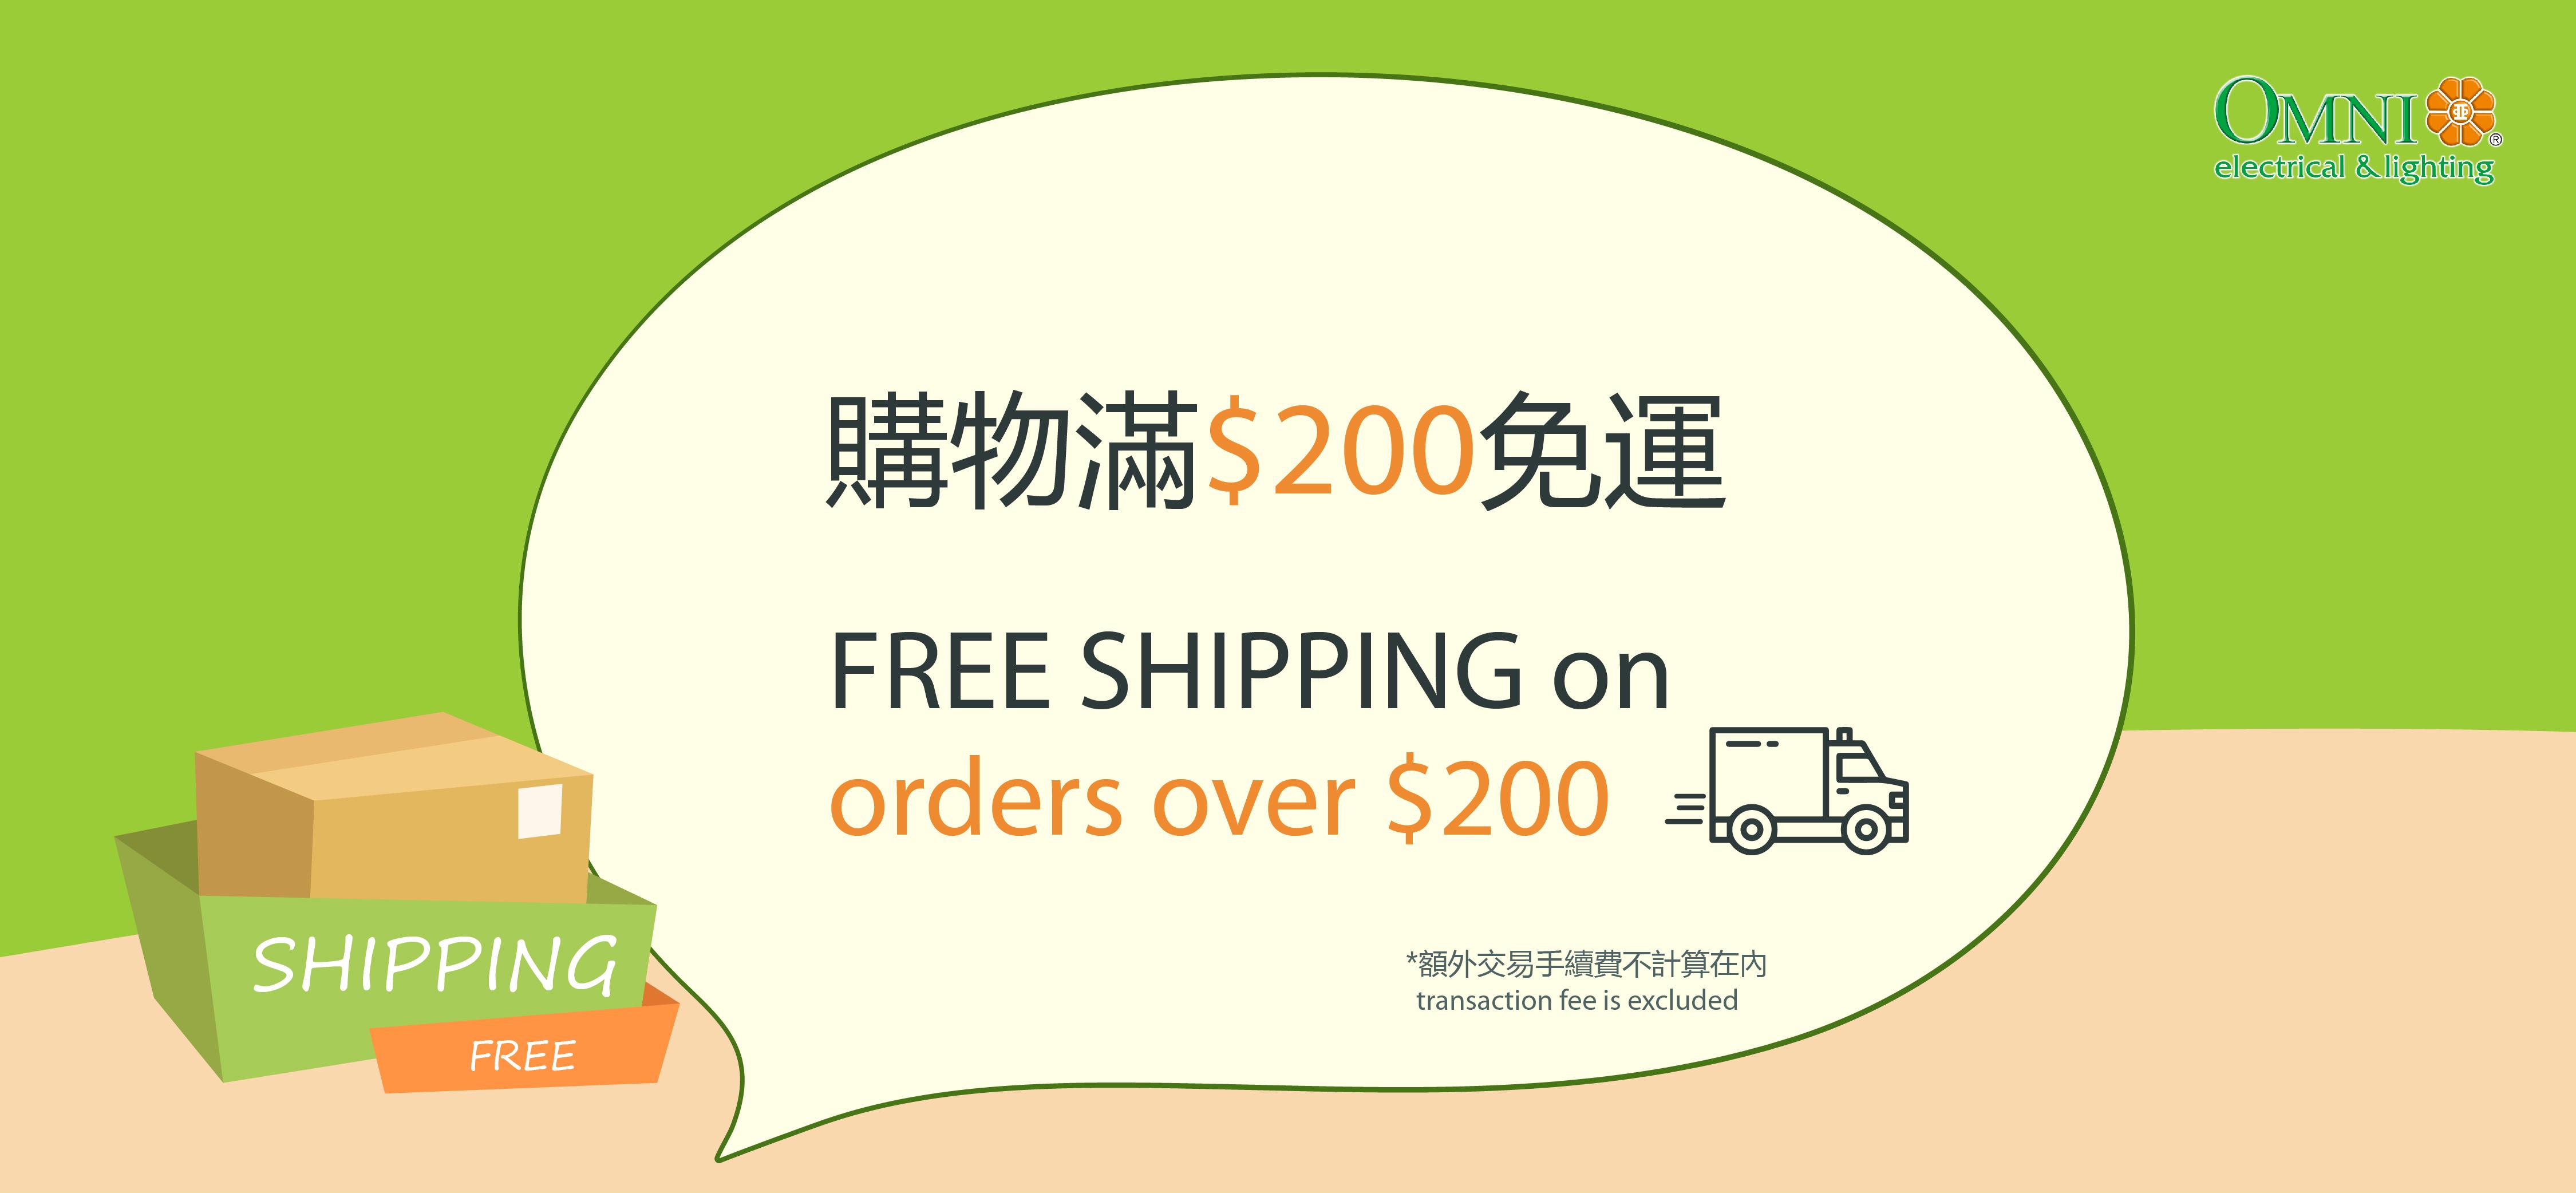 購物200元免運費, Free Shipping on order over $200, 額外手續費不計算在內, transactions fee is excluded